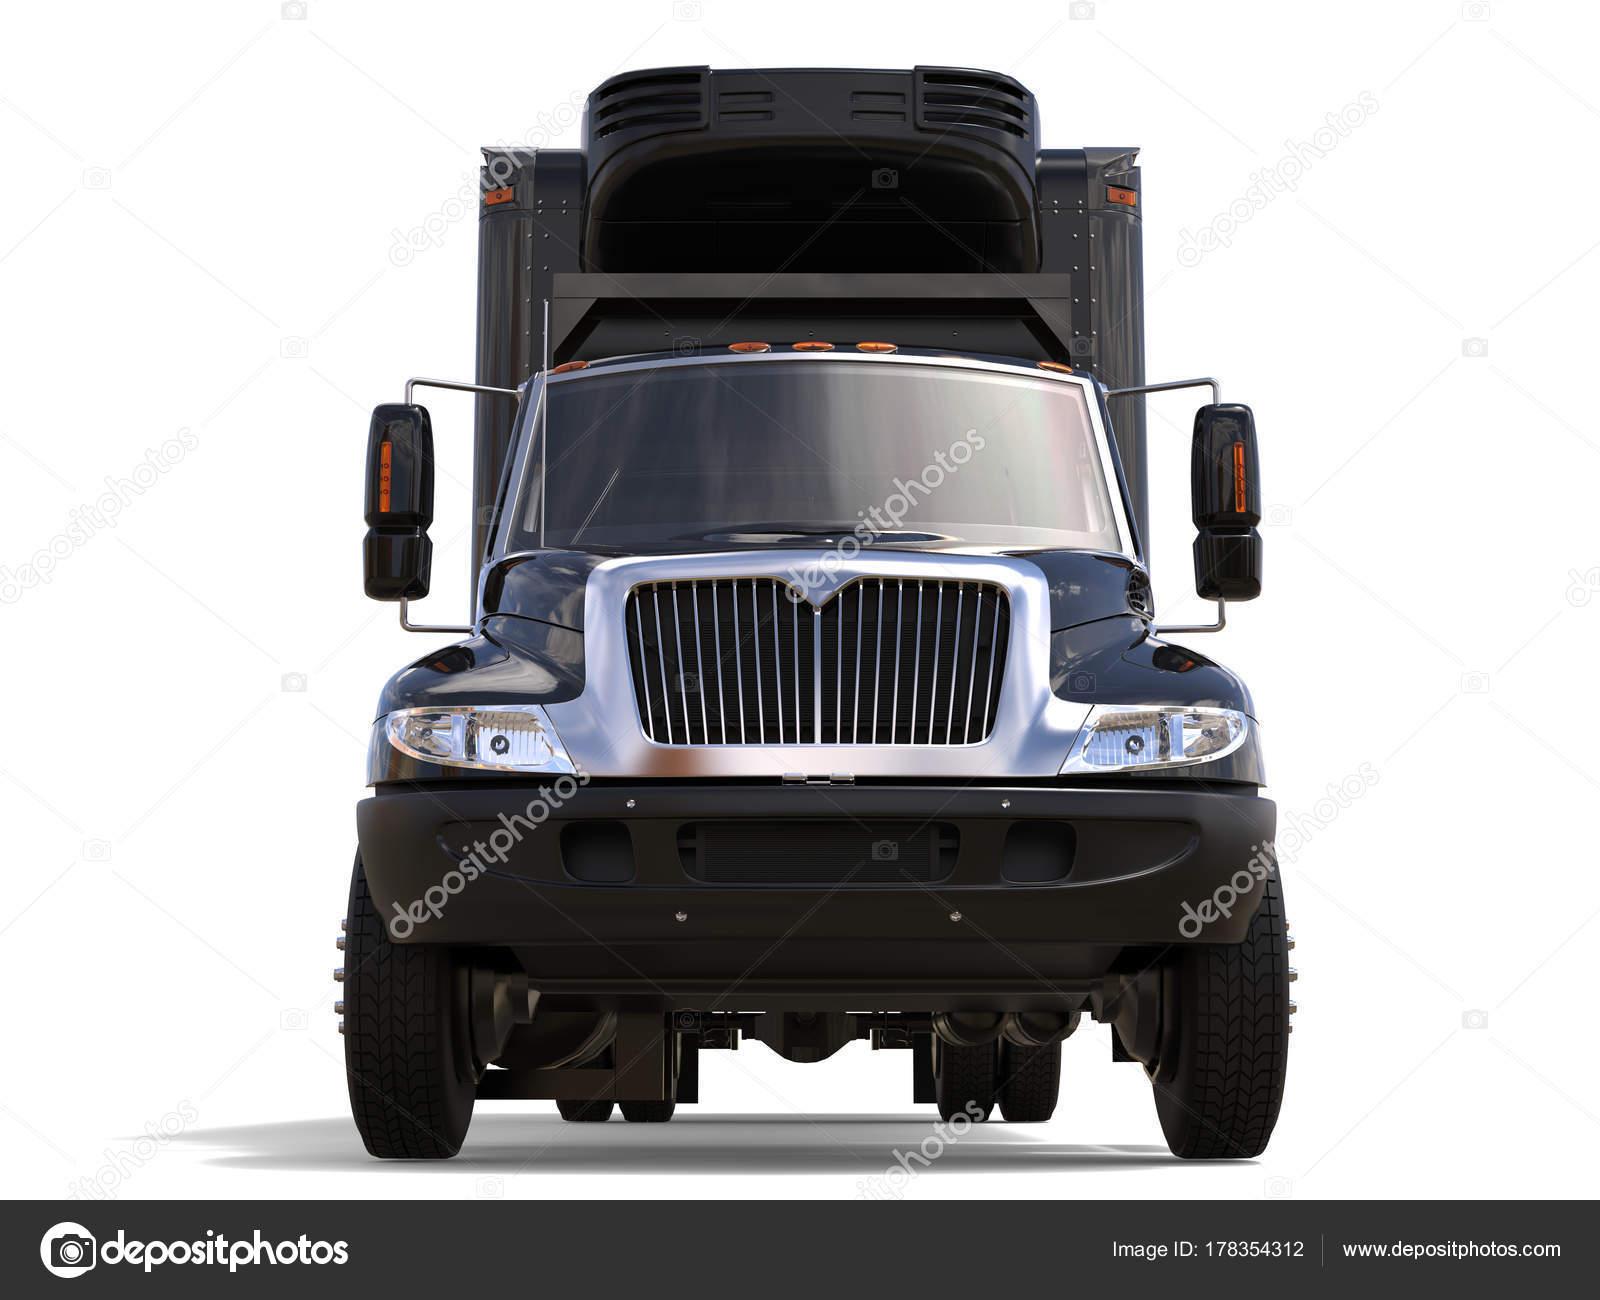 Kühlschrank Mit Auto Transportieren : Schwarzer kühlschrank lkw mit unit schwarz trailer vorderansicht